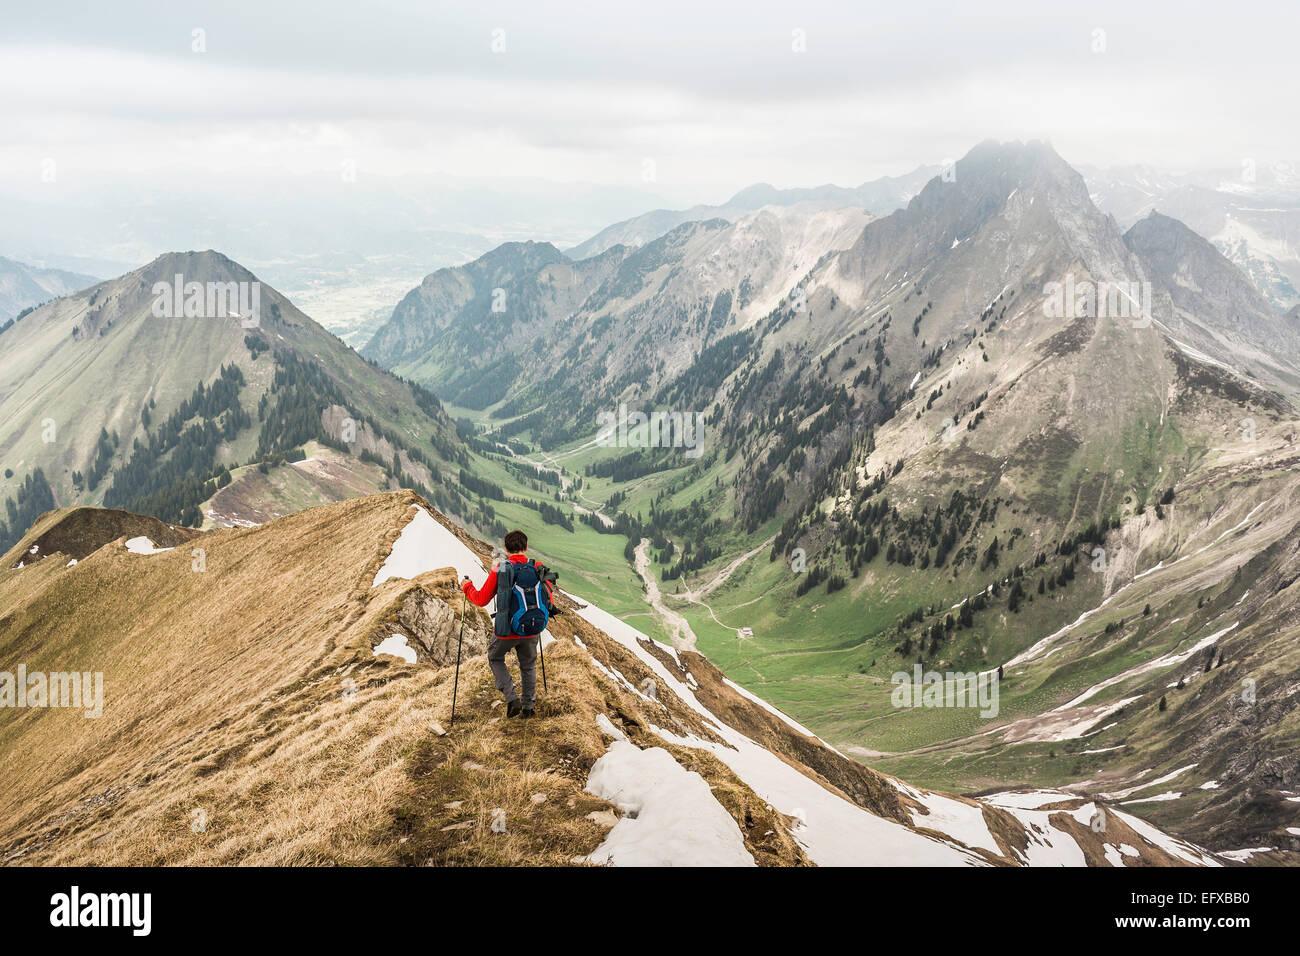 Junger Mann Bergwandern nach unten Rücken im Allgäu, Oberstdorf, Bayern, Deutschland Stockbild